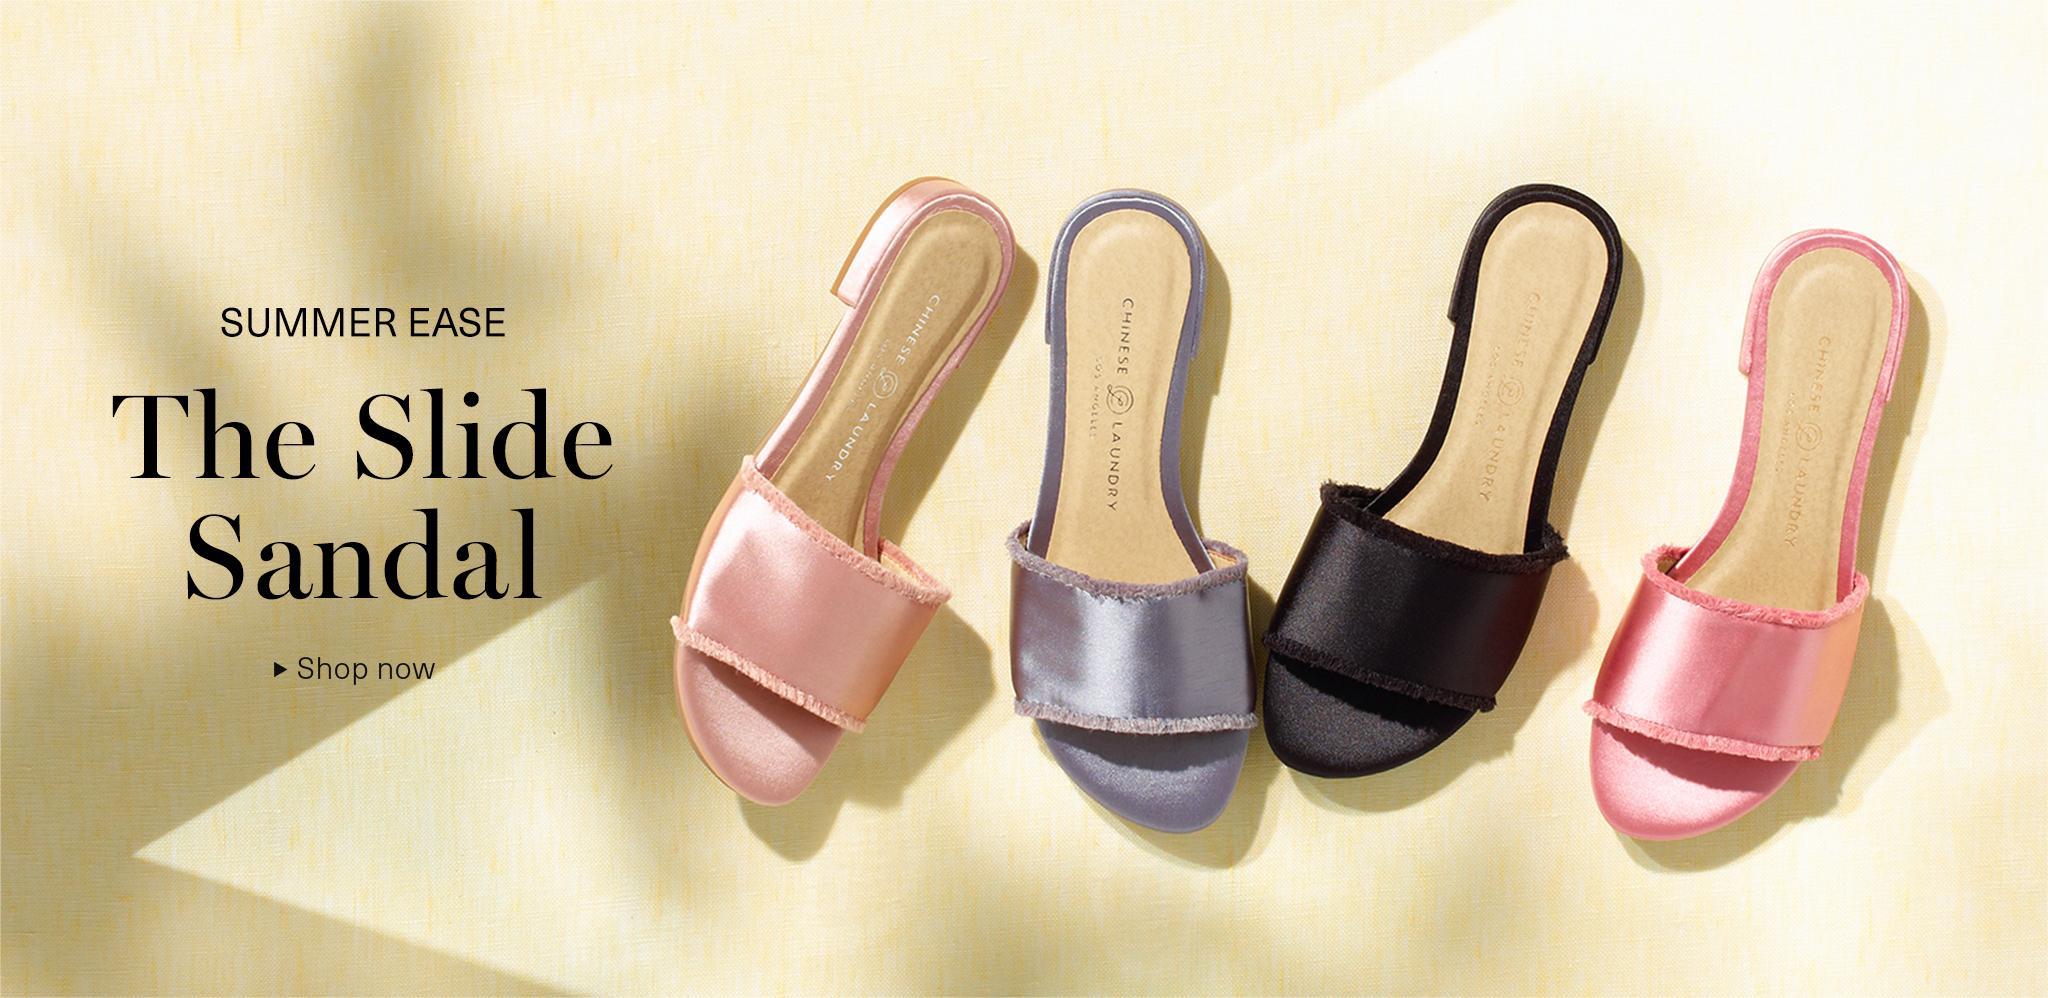 The Slide Sandal